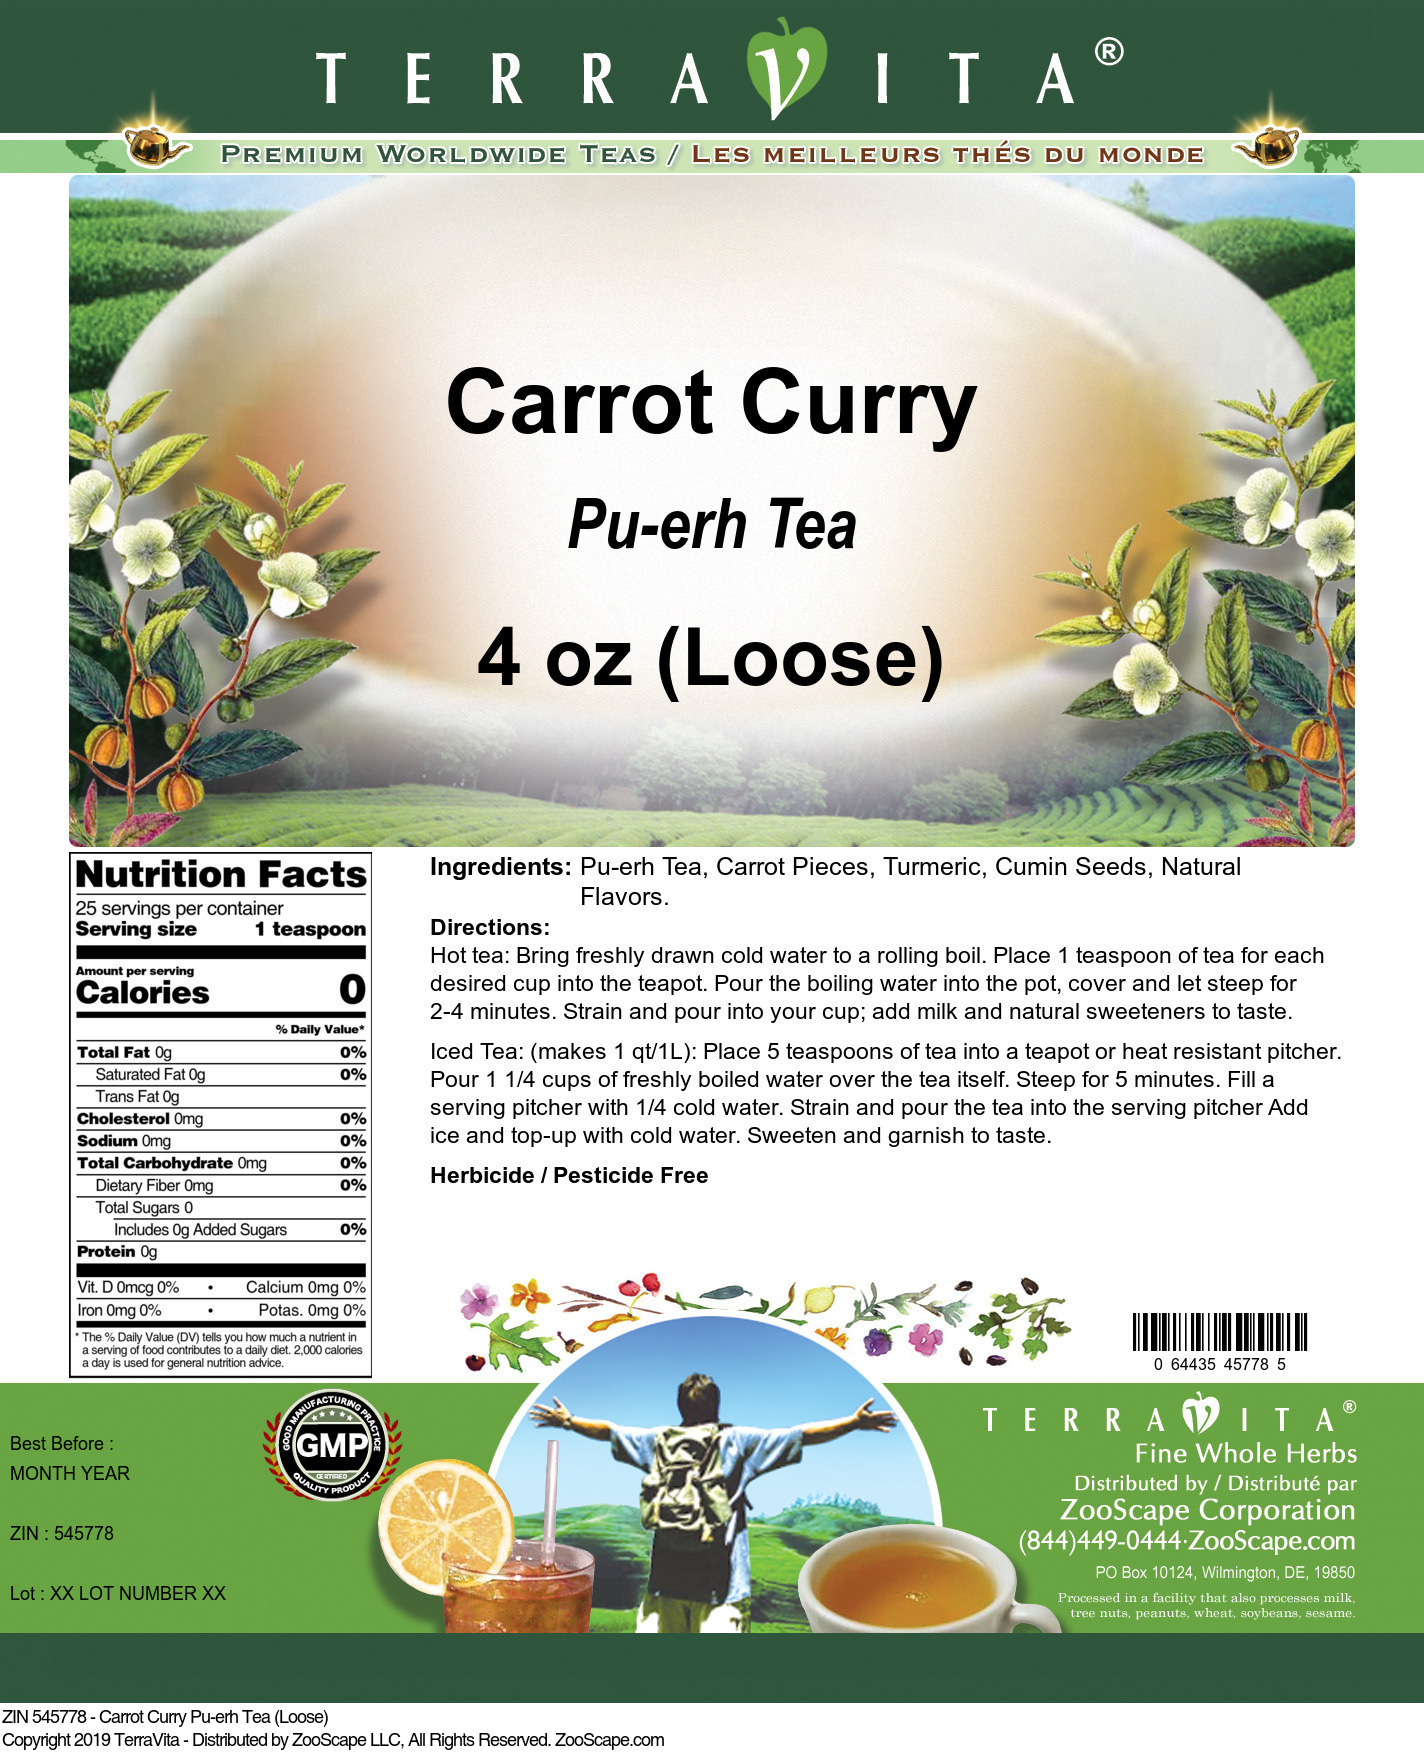 Carrot Curry Pu-erh Tea (Loose)